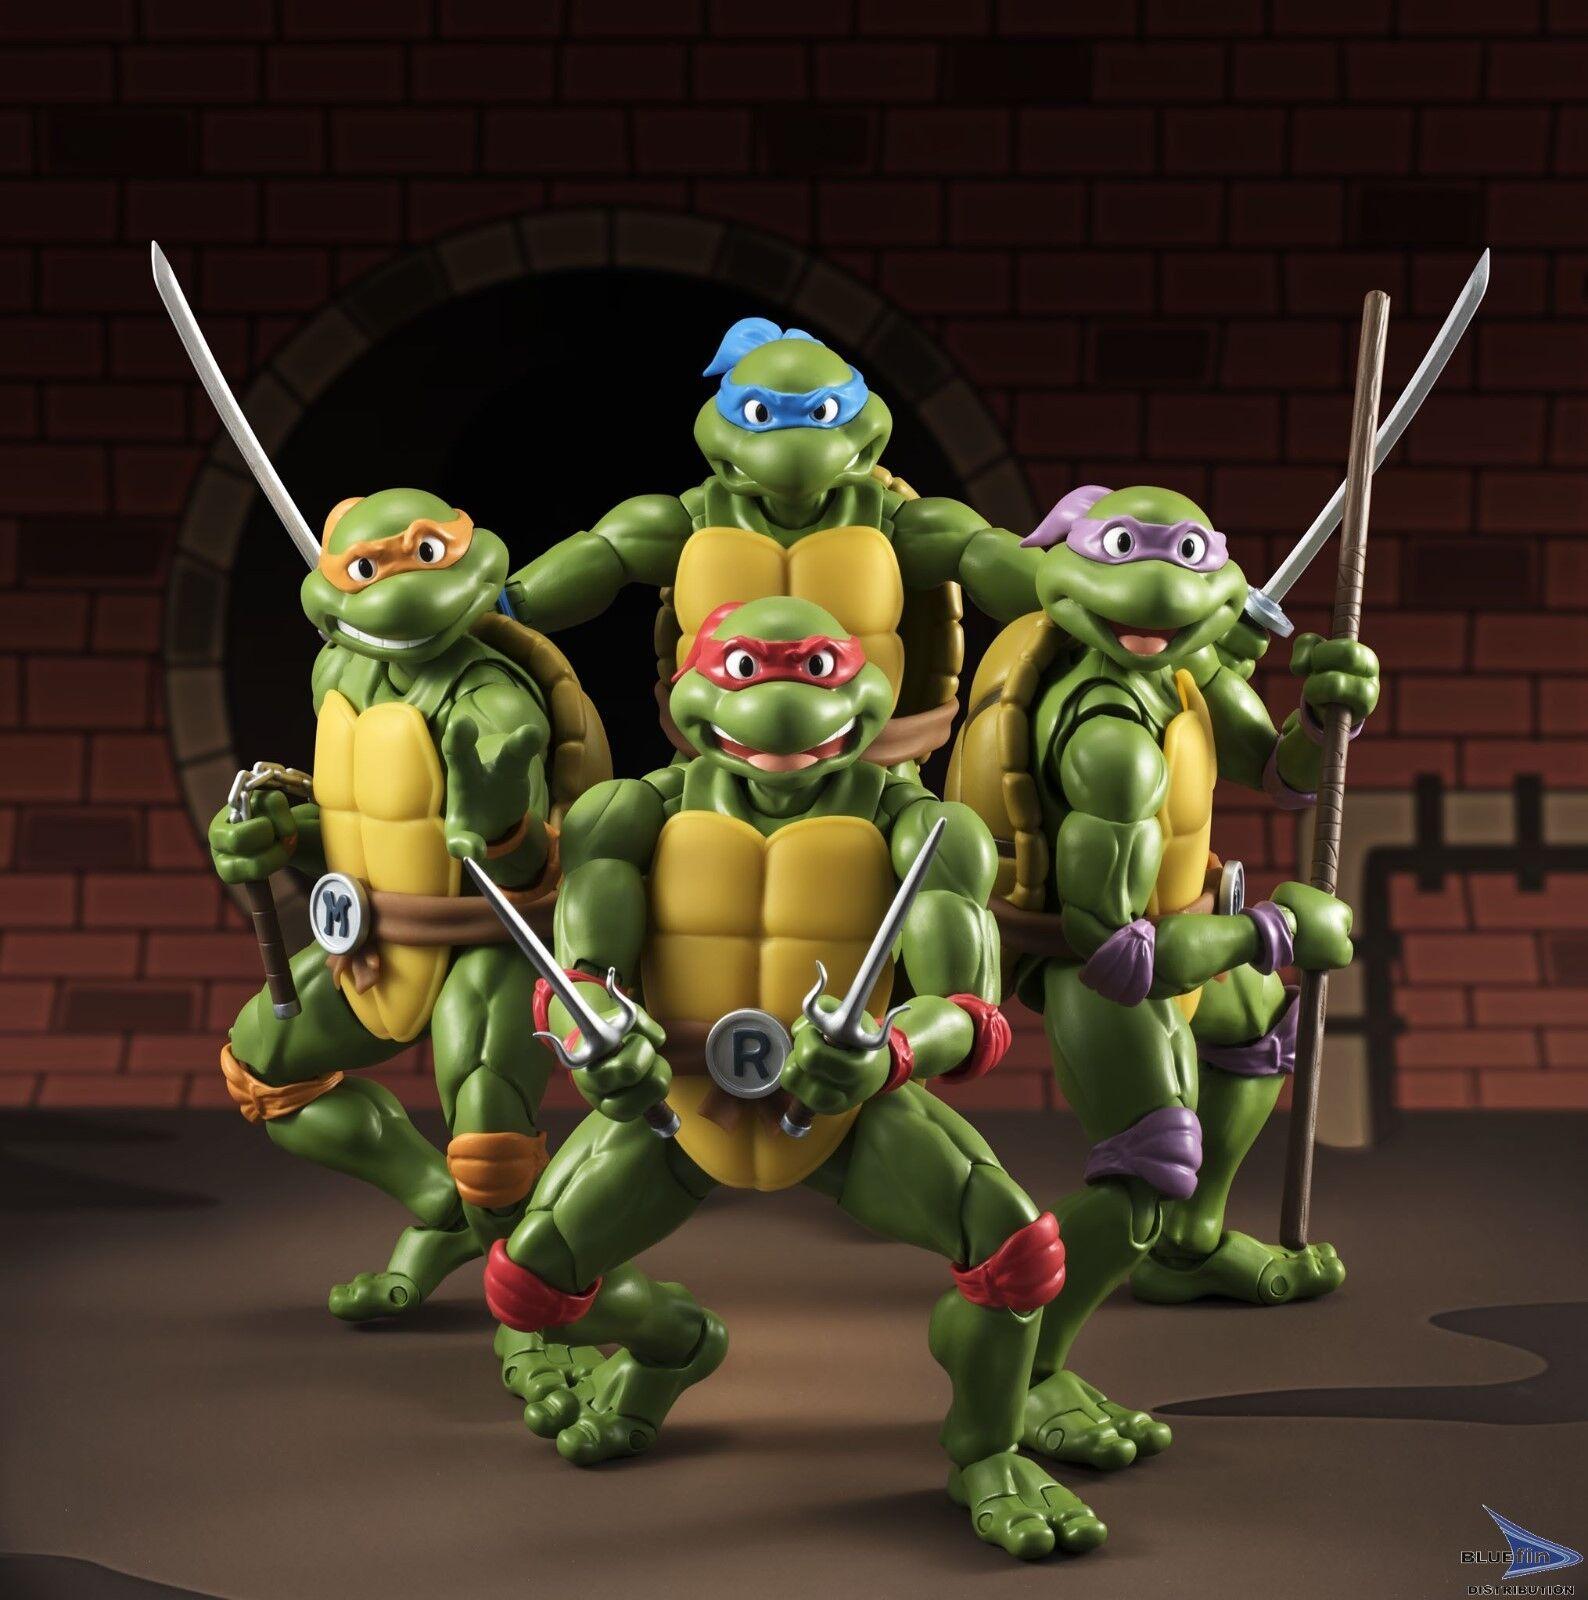 muy popular Teenage Mutant Ninja Turles S.H. FIGUARTS FIGURA DE ACCIÓN SET SET SET  Las ventas en línea ahorran un 70%.